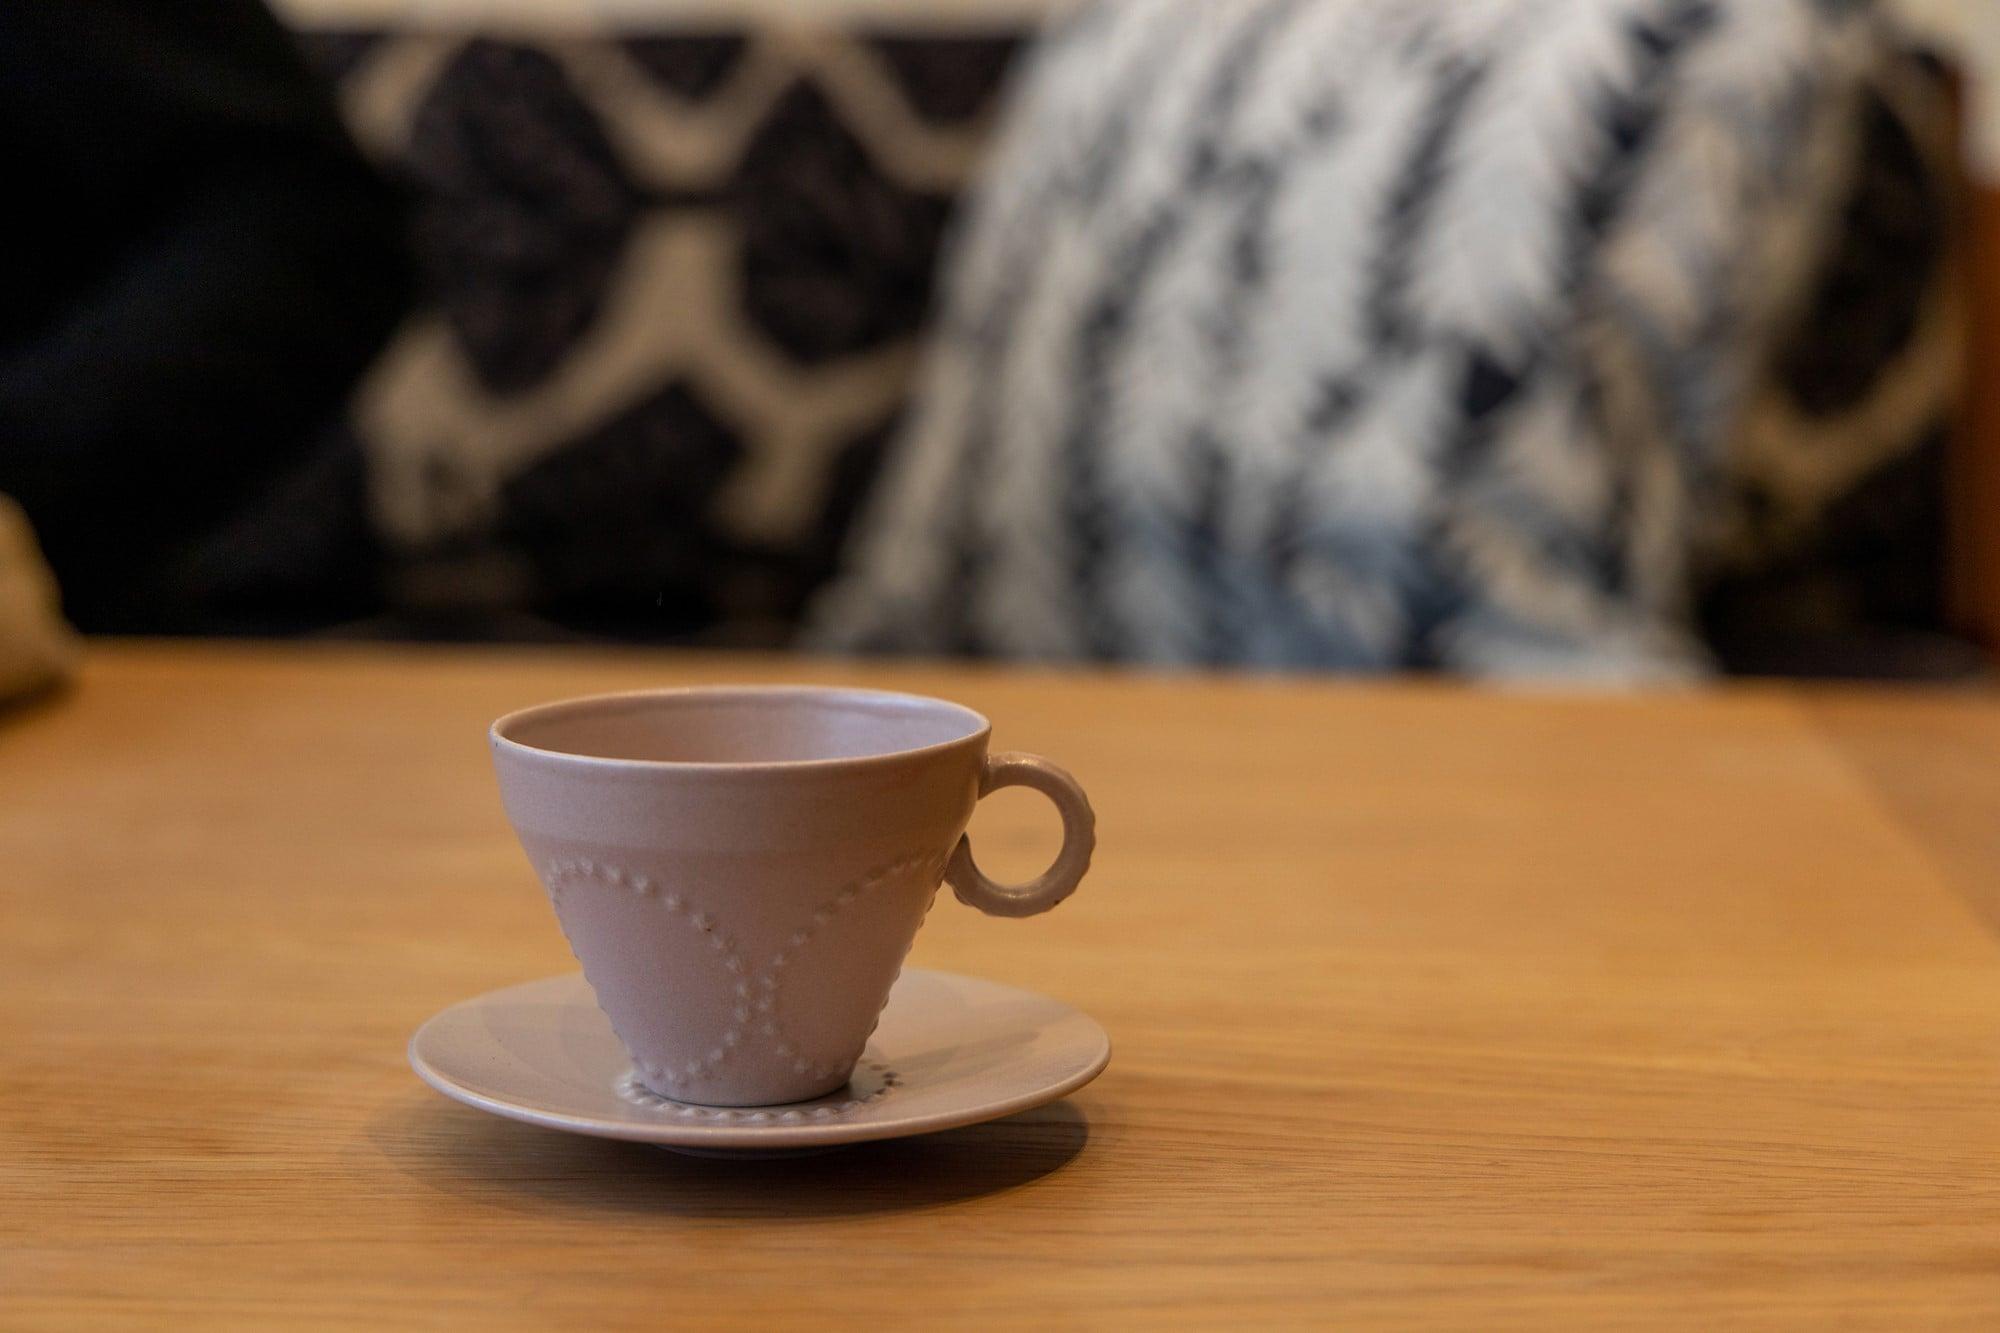 ミナ ペルホネンの定番テキスタイル「tambourine」を用いたカップ&ソーサー。